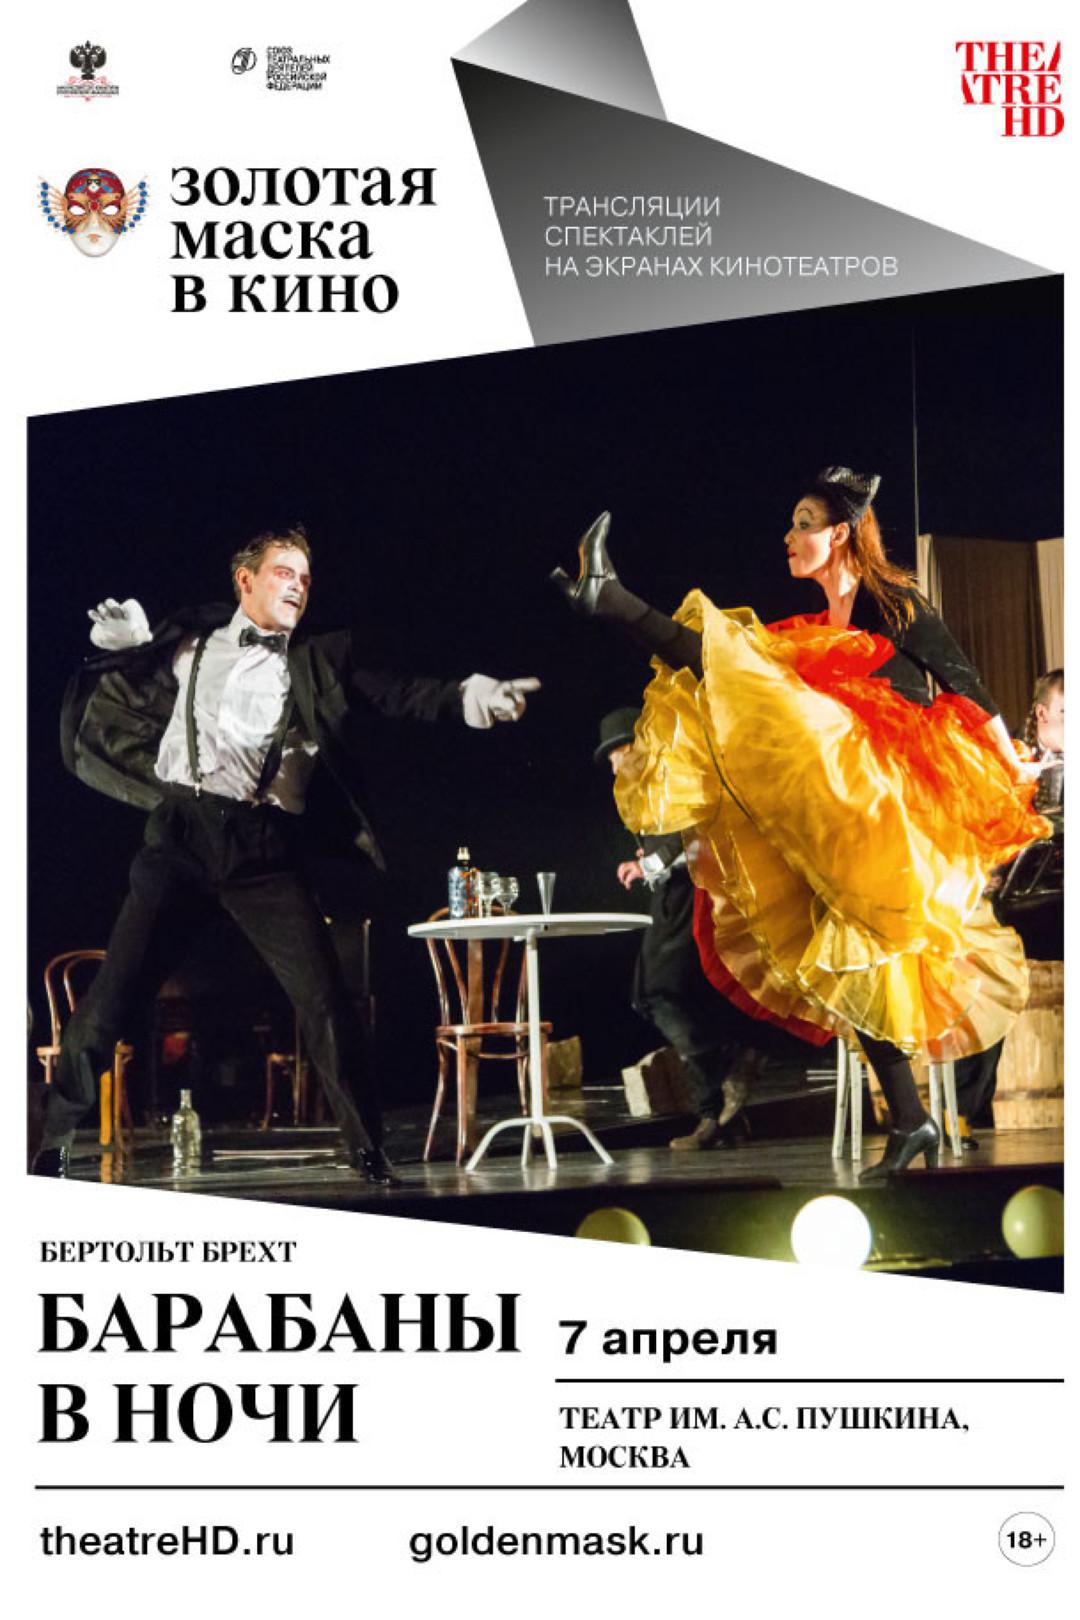 Bright, irresistible actress Oksana Zhdanova 3